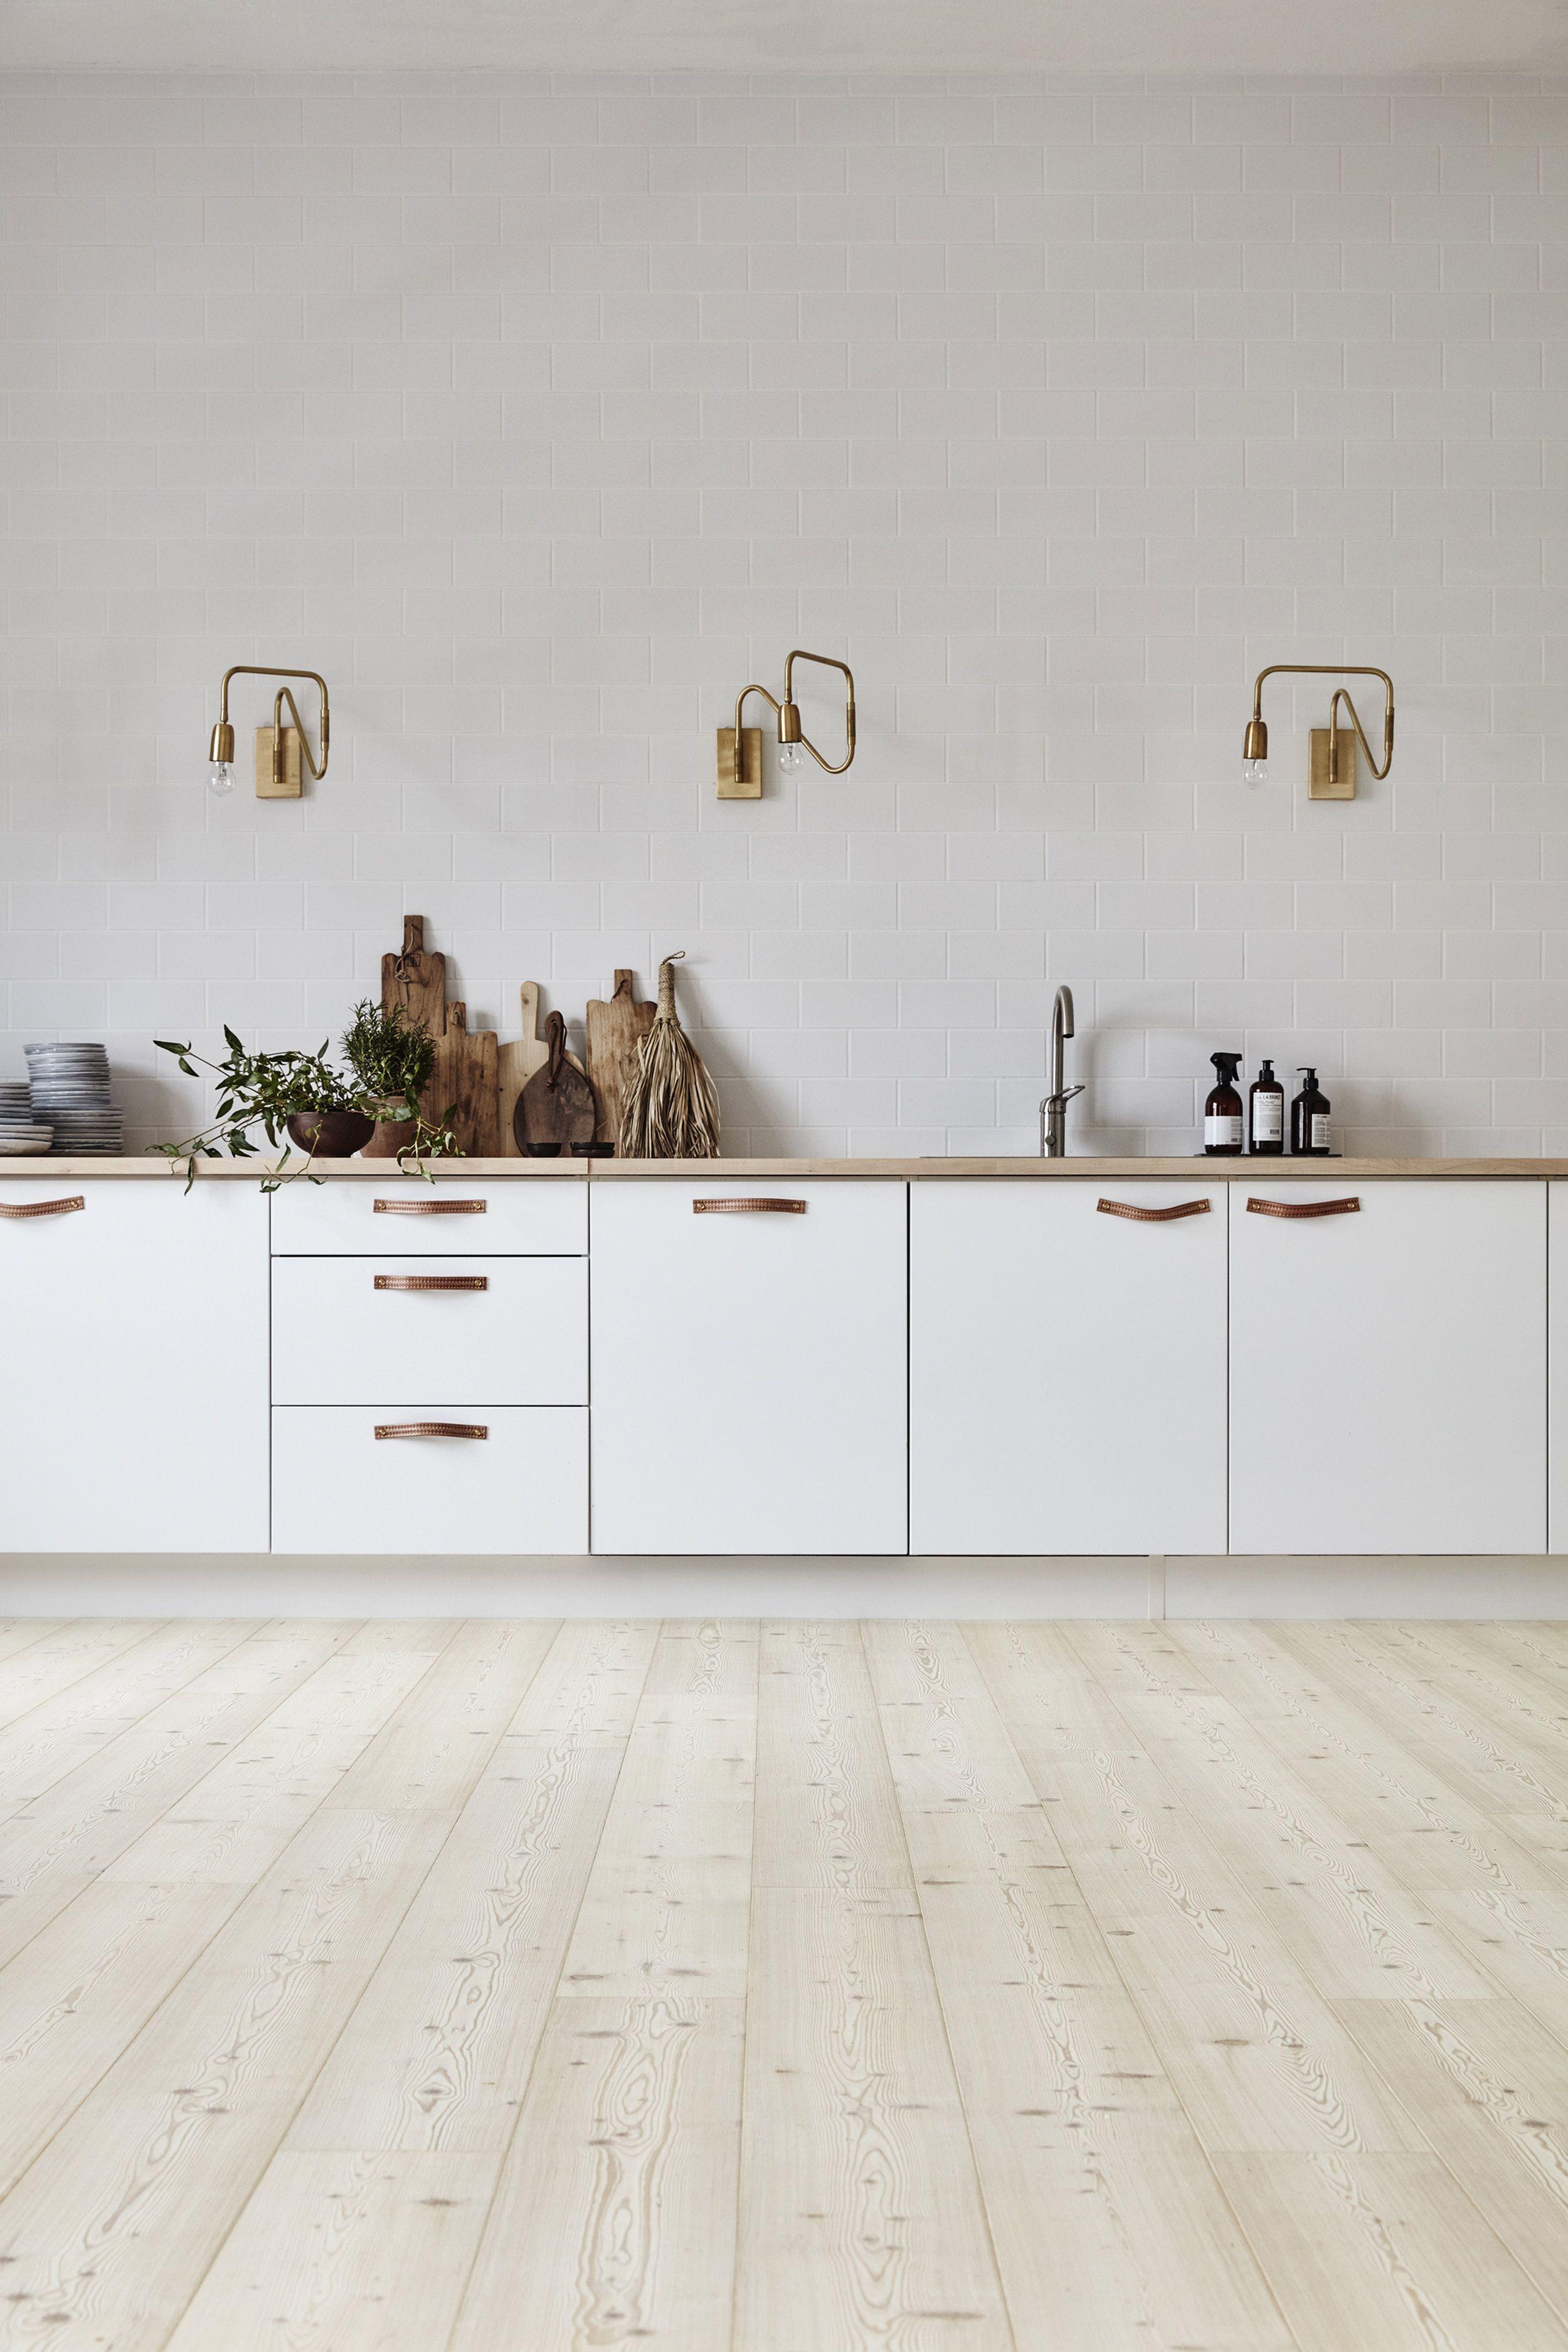 Küchen ohne Oberschränke - Wahnsinnig schön oder einfach nur